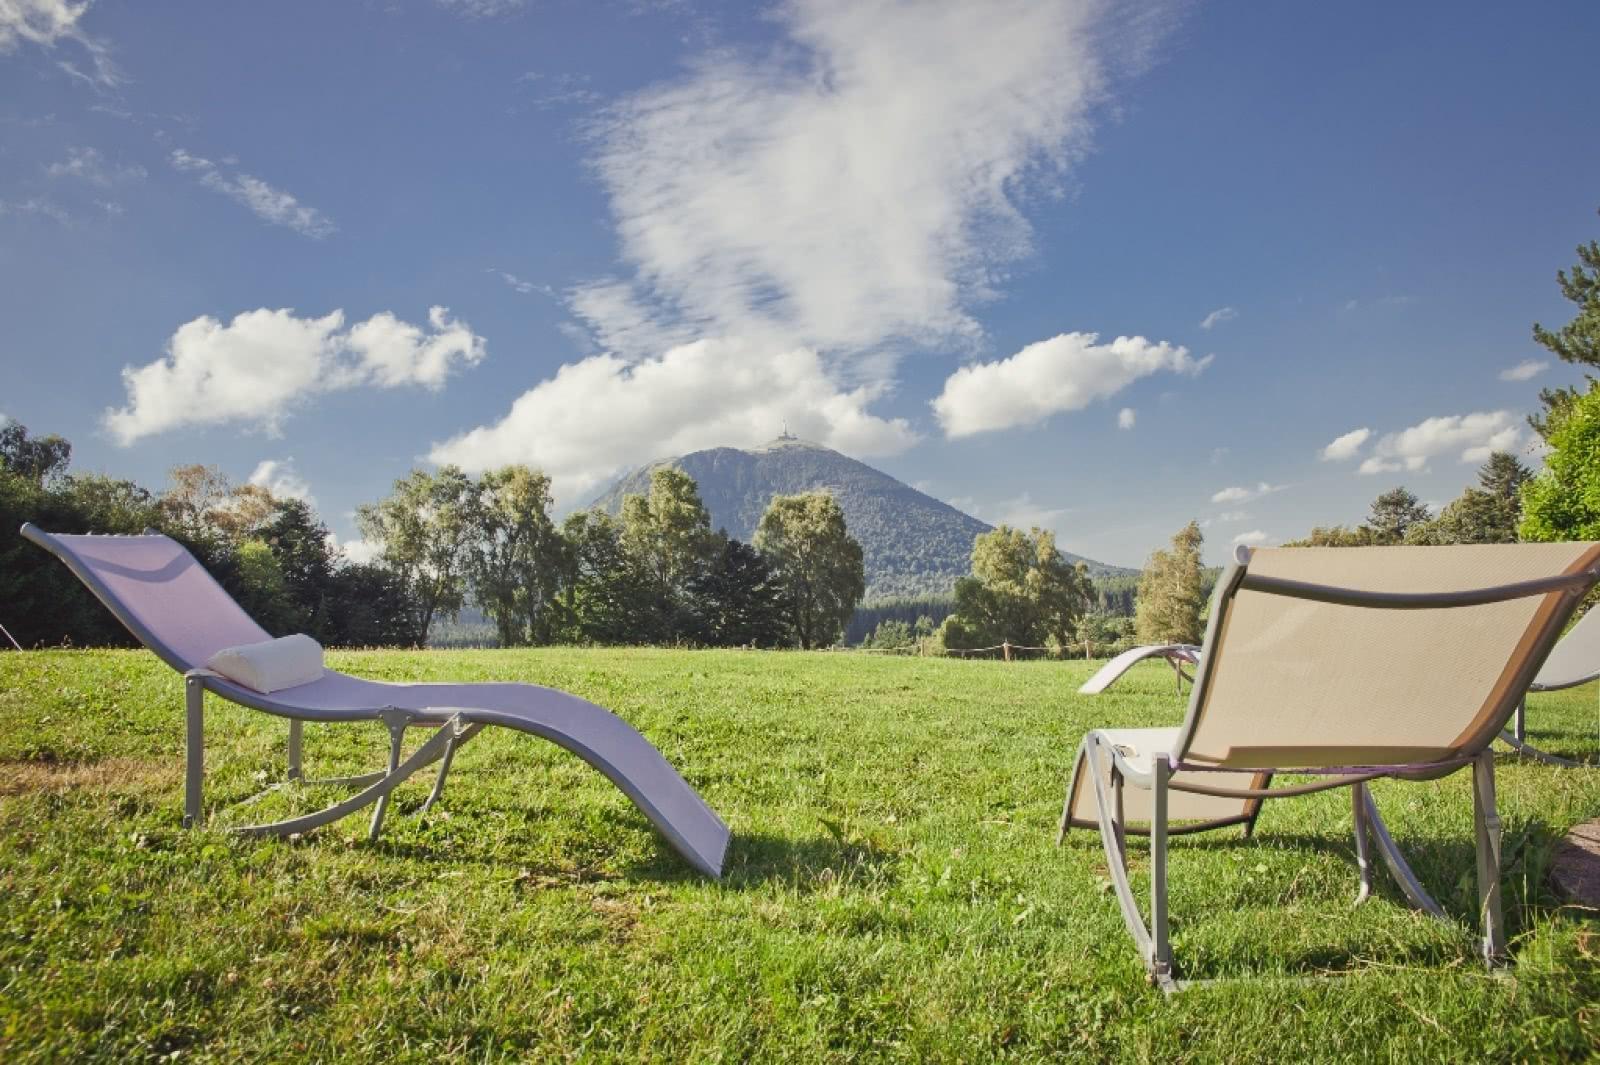 archipel volcans g te de s jour clermont auvergne tourisme. Black Bedroom Furniture Sets. Home Design Ideas